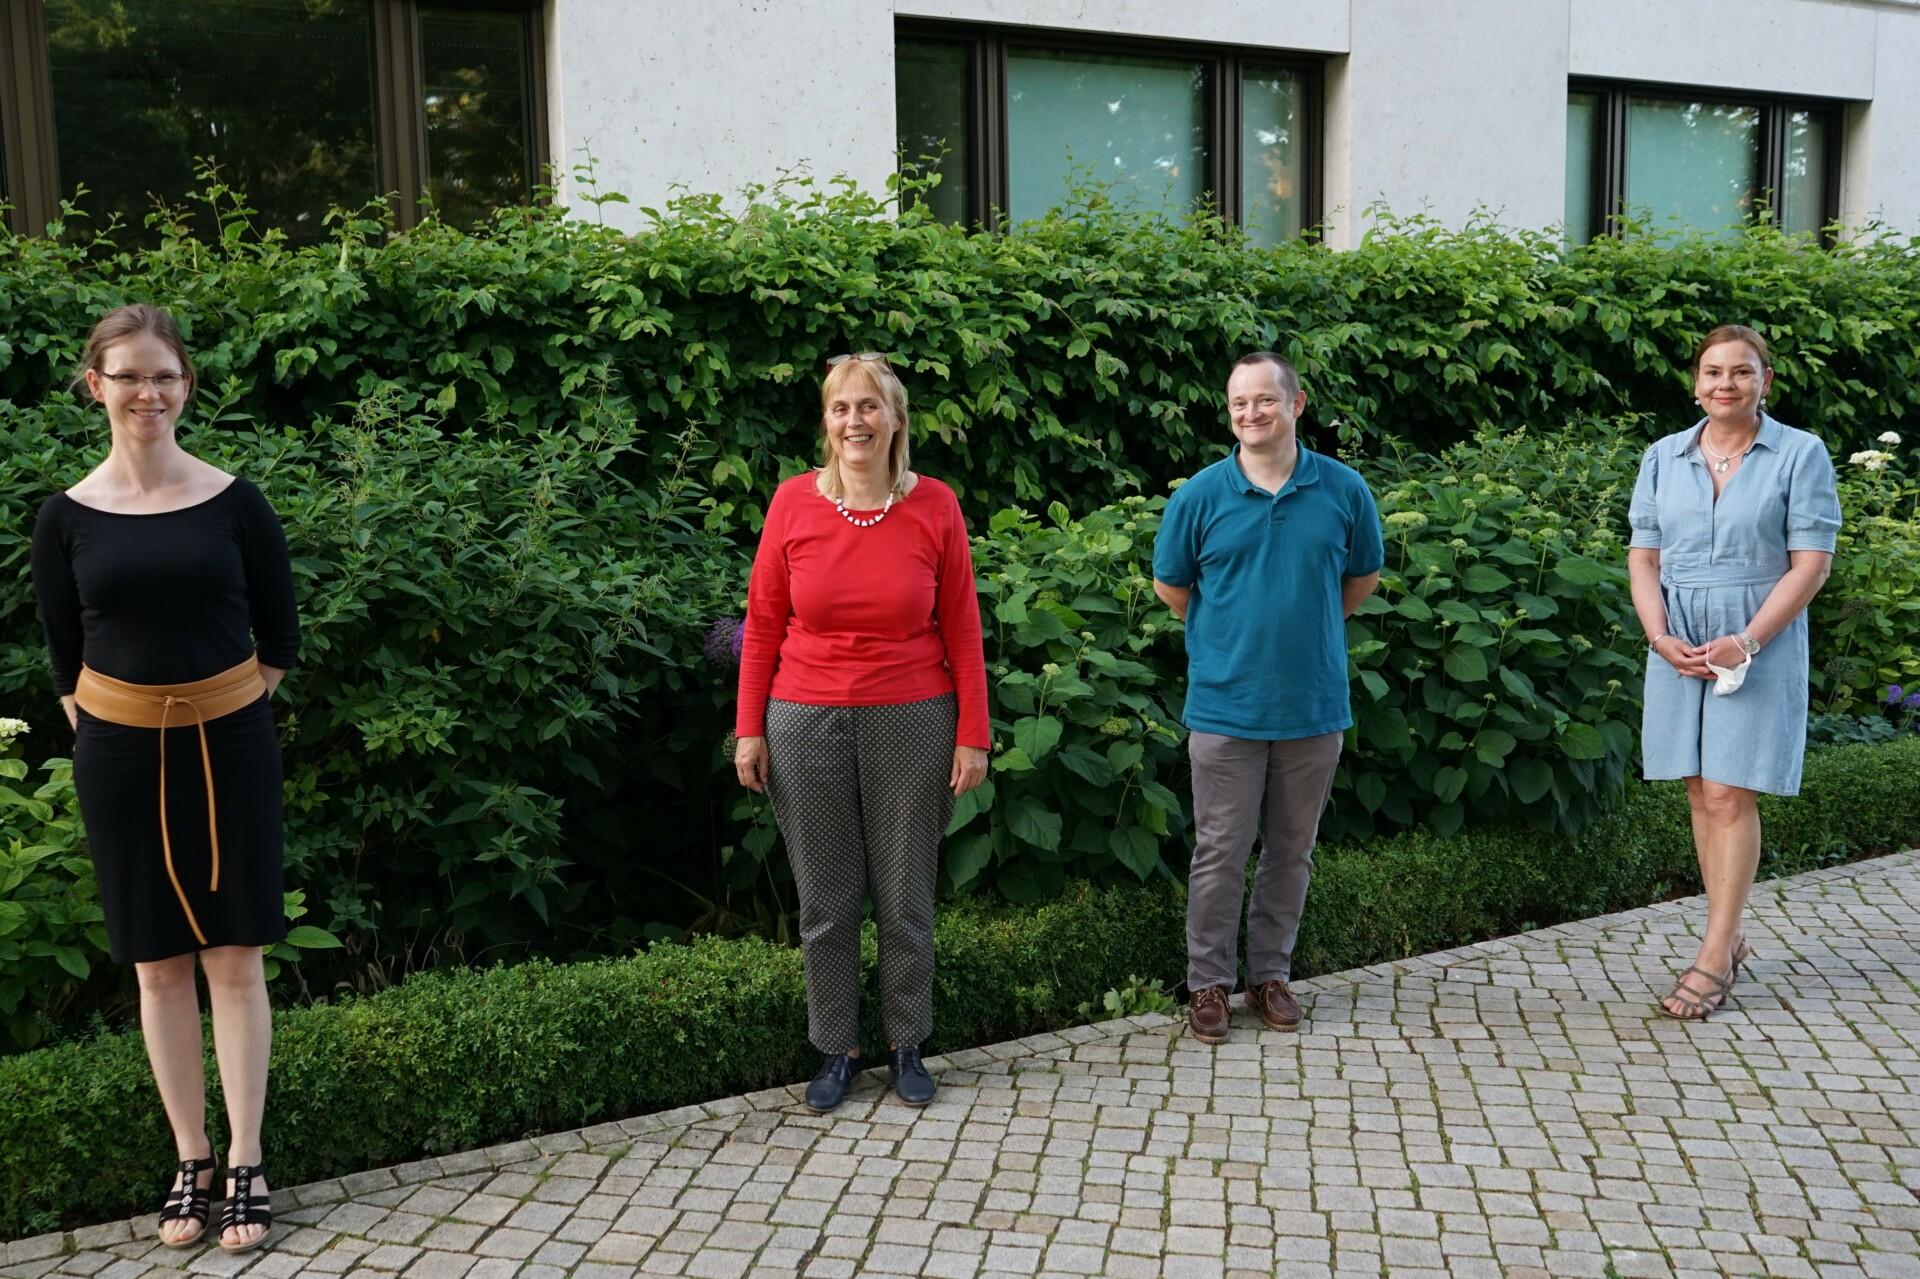 Der Vorstand. Von links: Dr. Katharina Weinert, Dr. Karin Harre (Vorsitzende), Dr. Walter Mildenberger, Antje Meinecke.